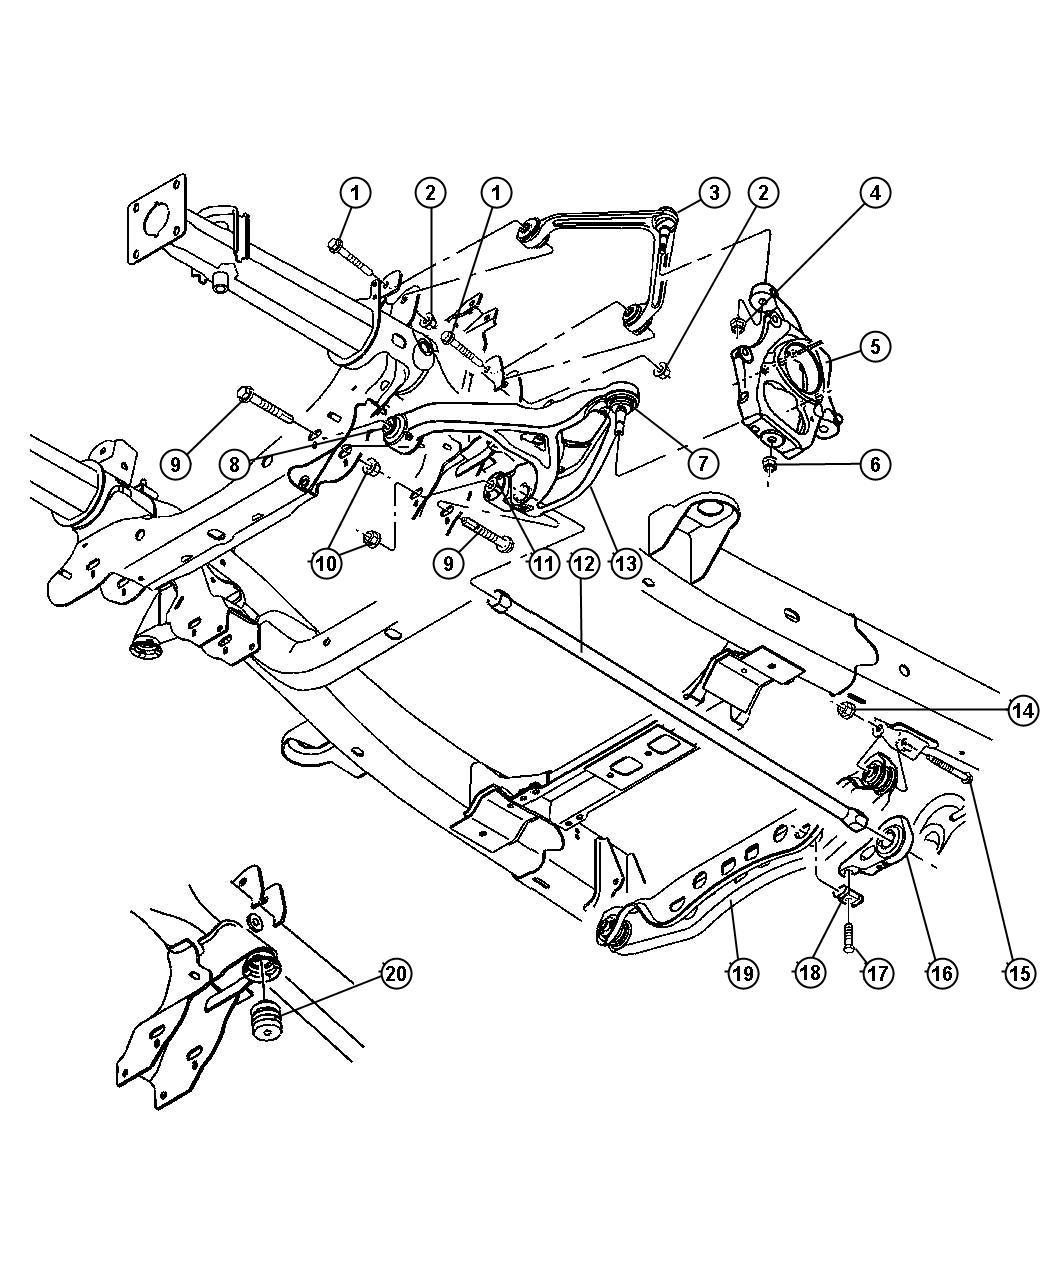 hight resolution of 2014 durango suspension diagram